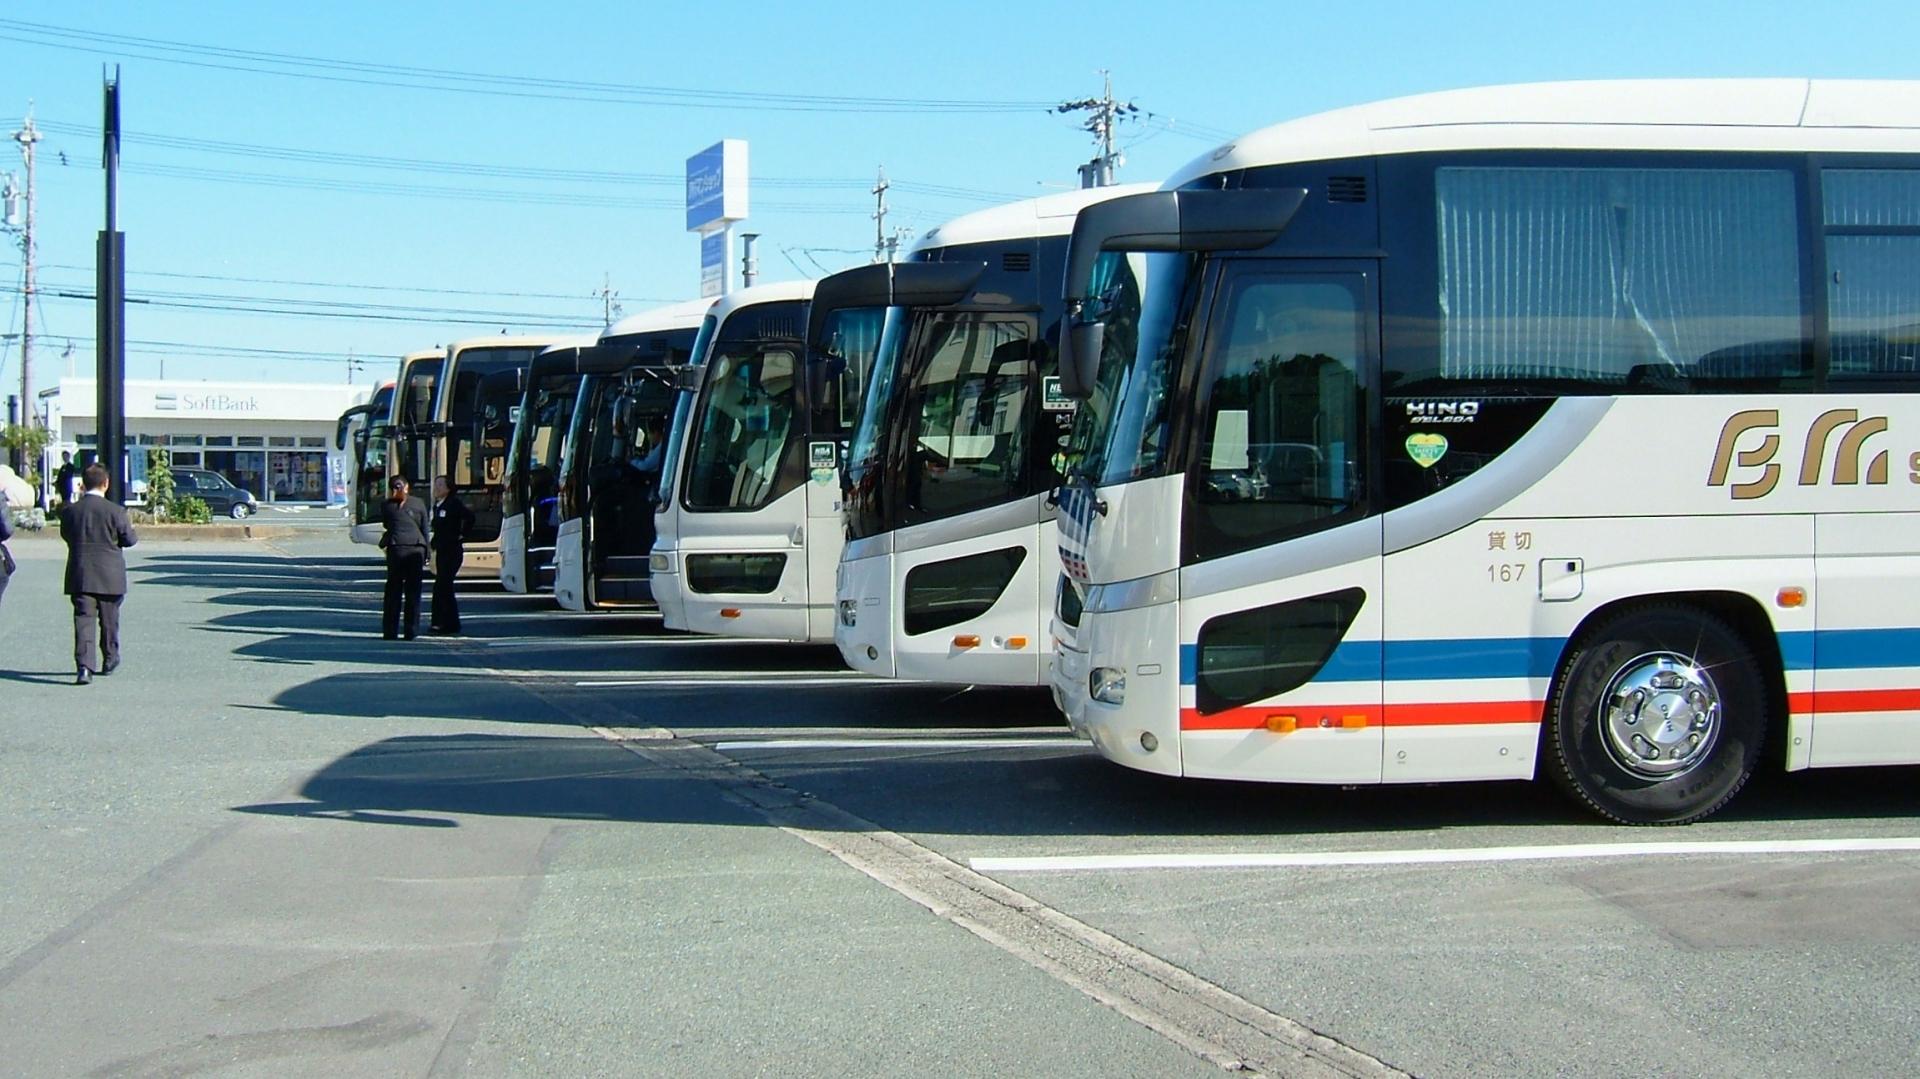 バス|高速バス|深夜バス|観光バス